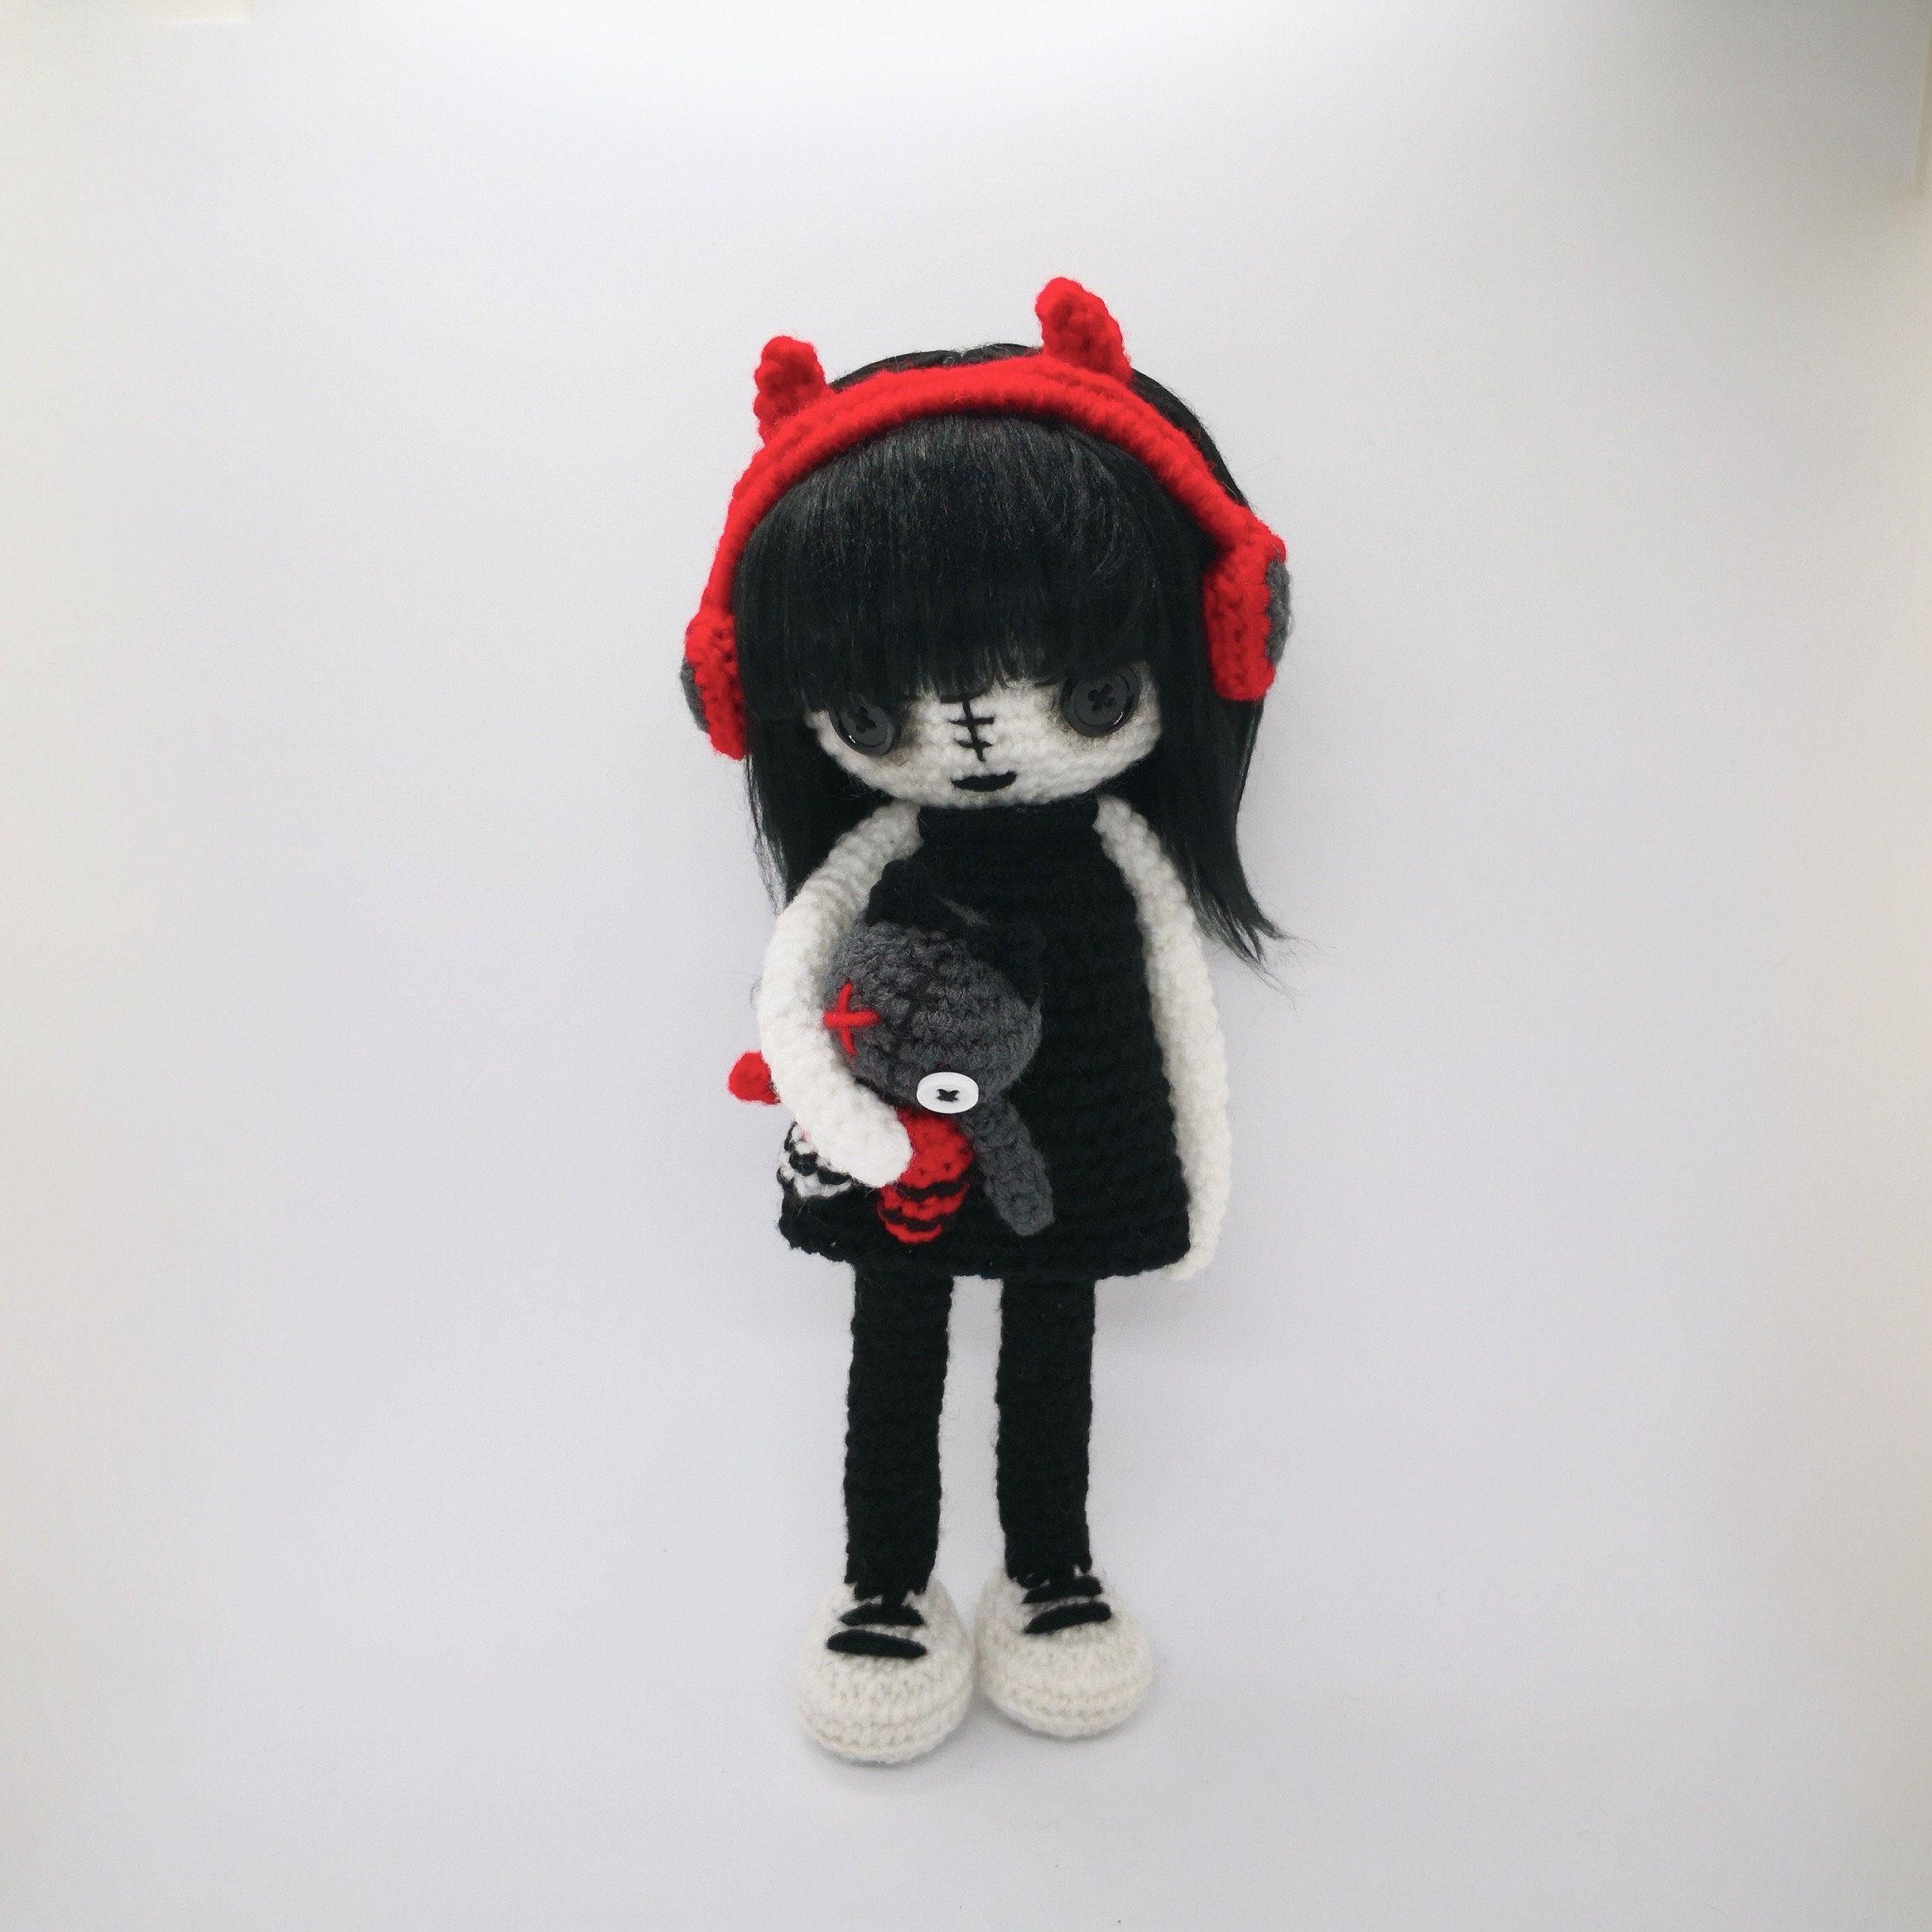 Goth Bunny - Crochet Pattern Amigurumi - Punk Plush Doll - Digital ... | 2333x2333